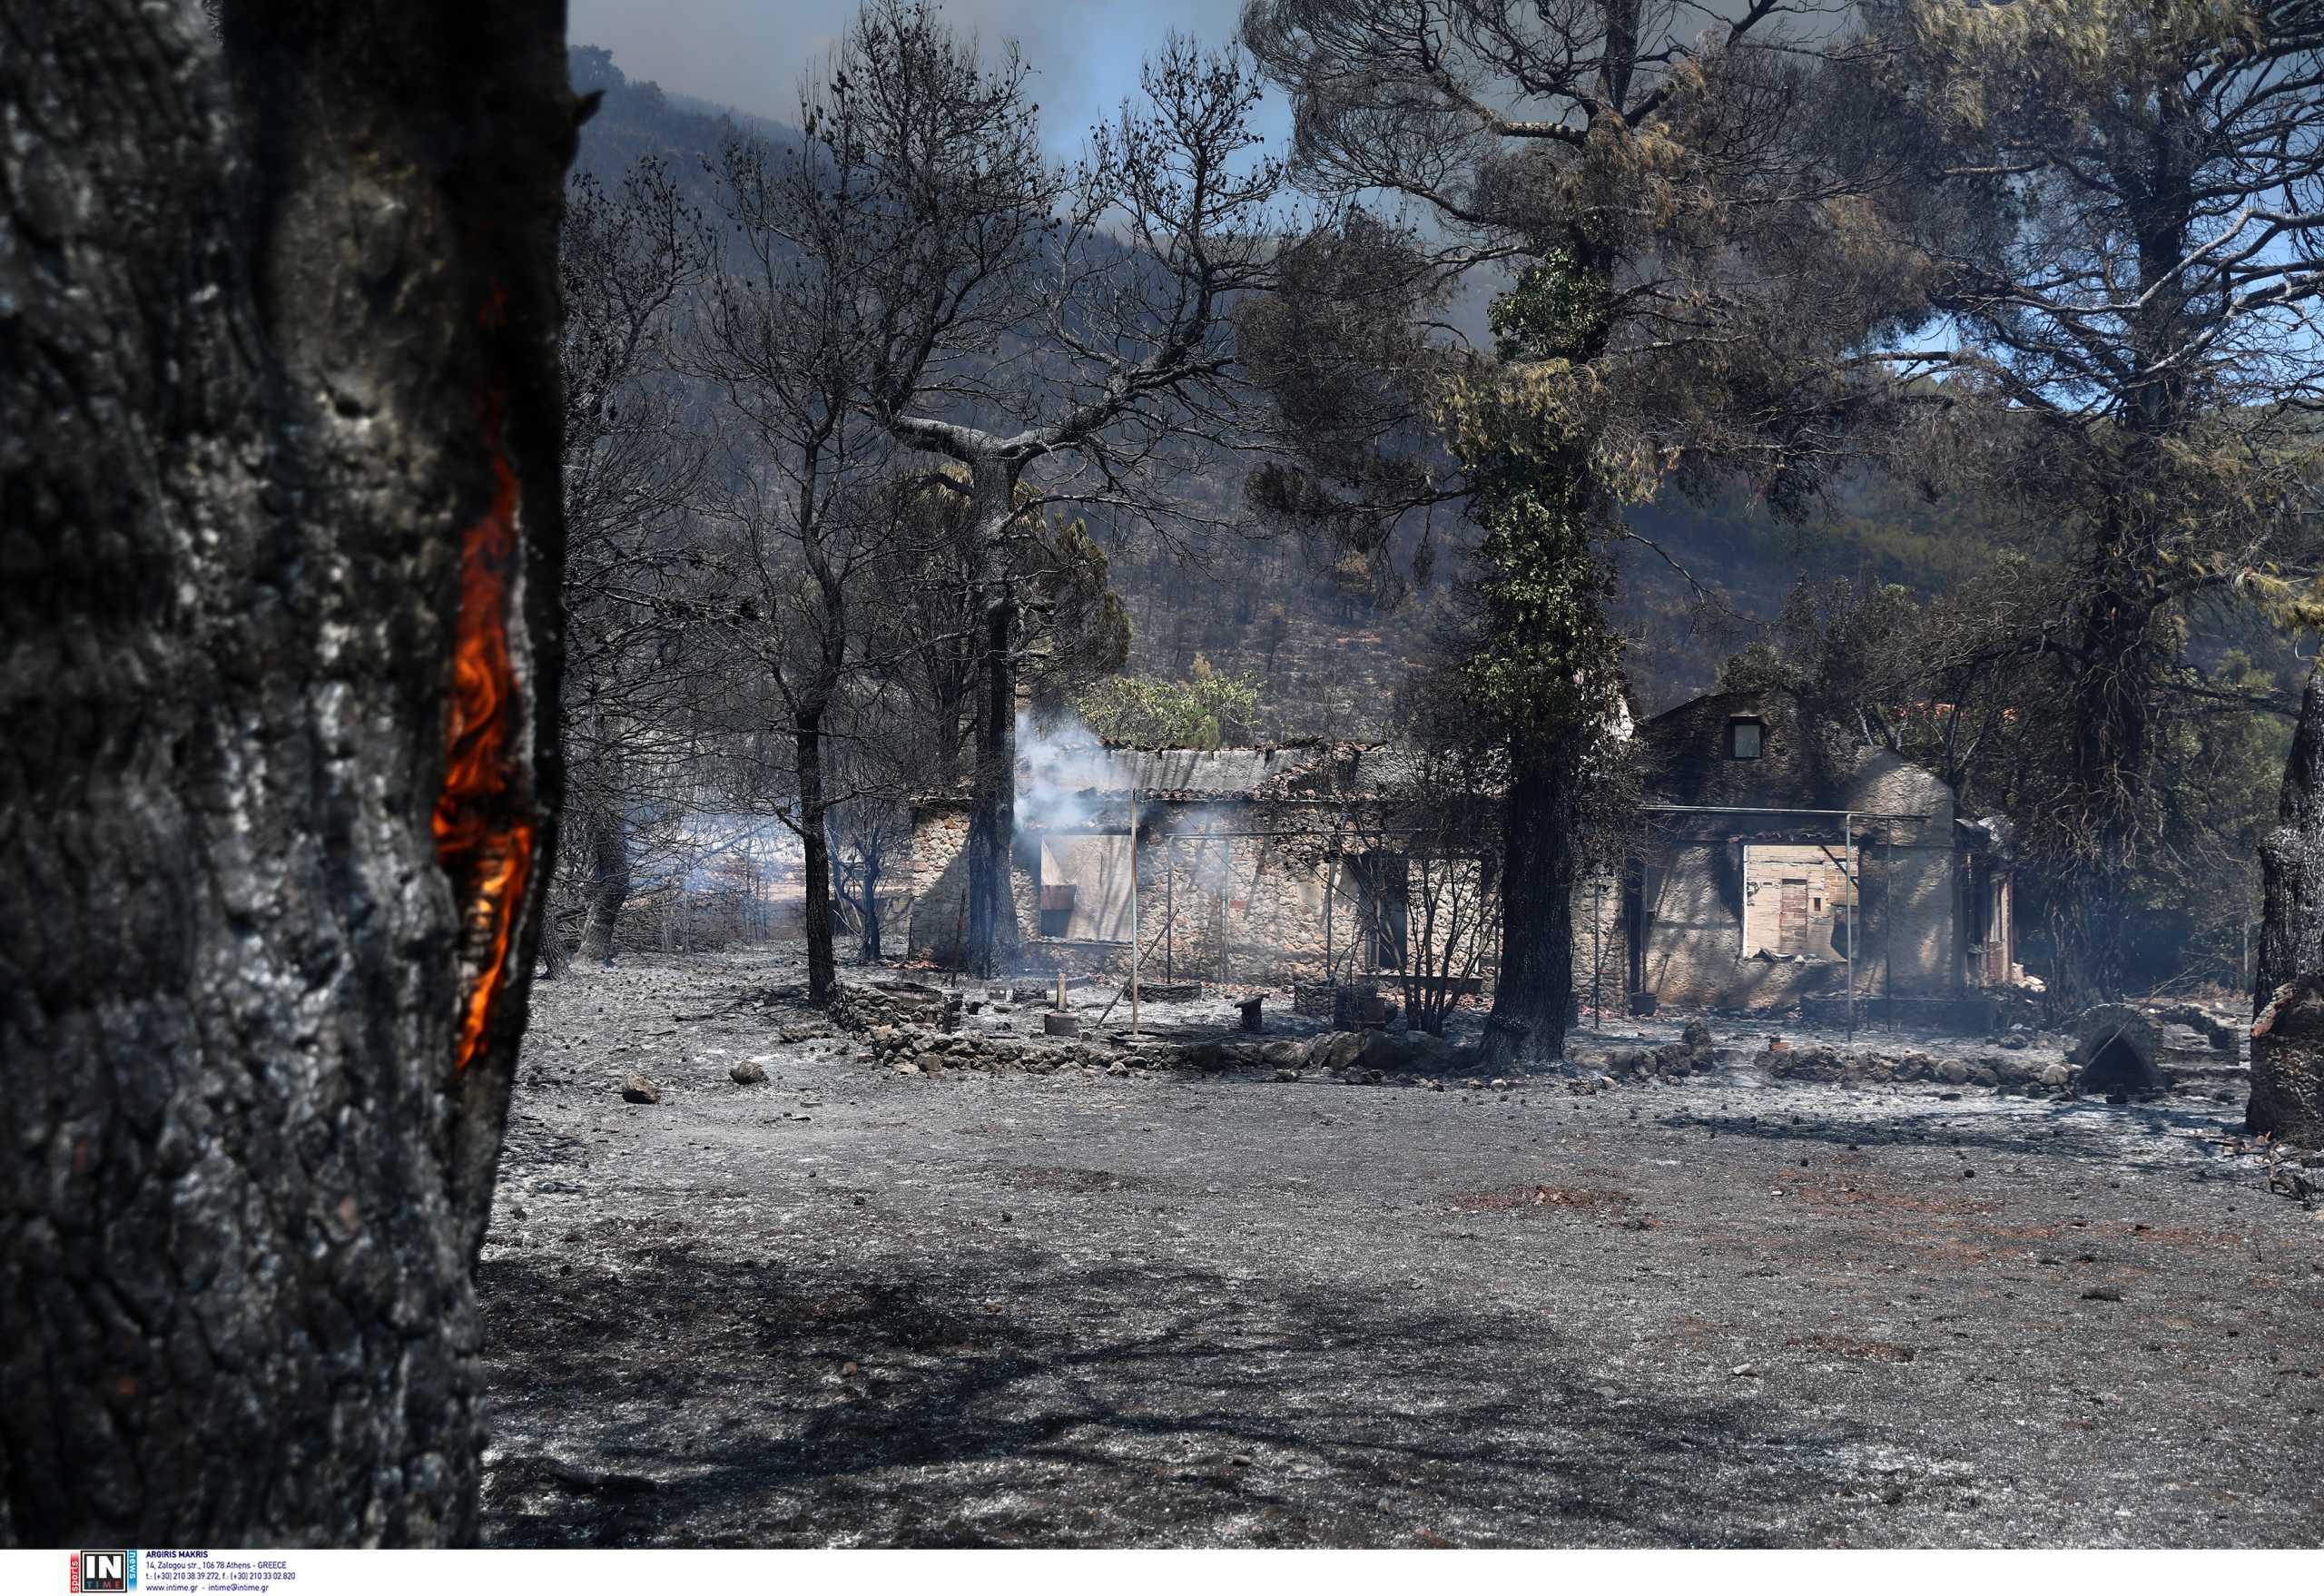 Φωτιά στα Βίλια: Ενεργό μέτωπο μέσα στο δάσος – Στάχτη πάνω από 80.000 στρέμματα